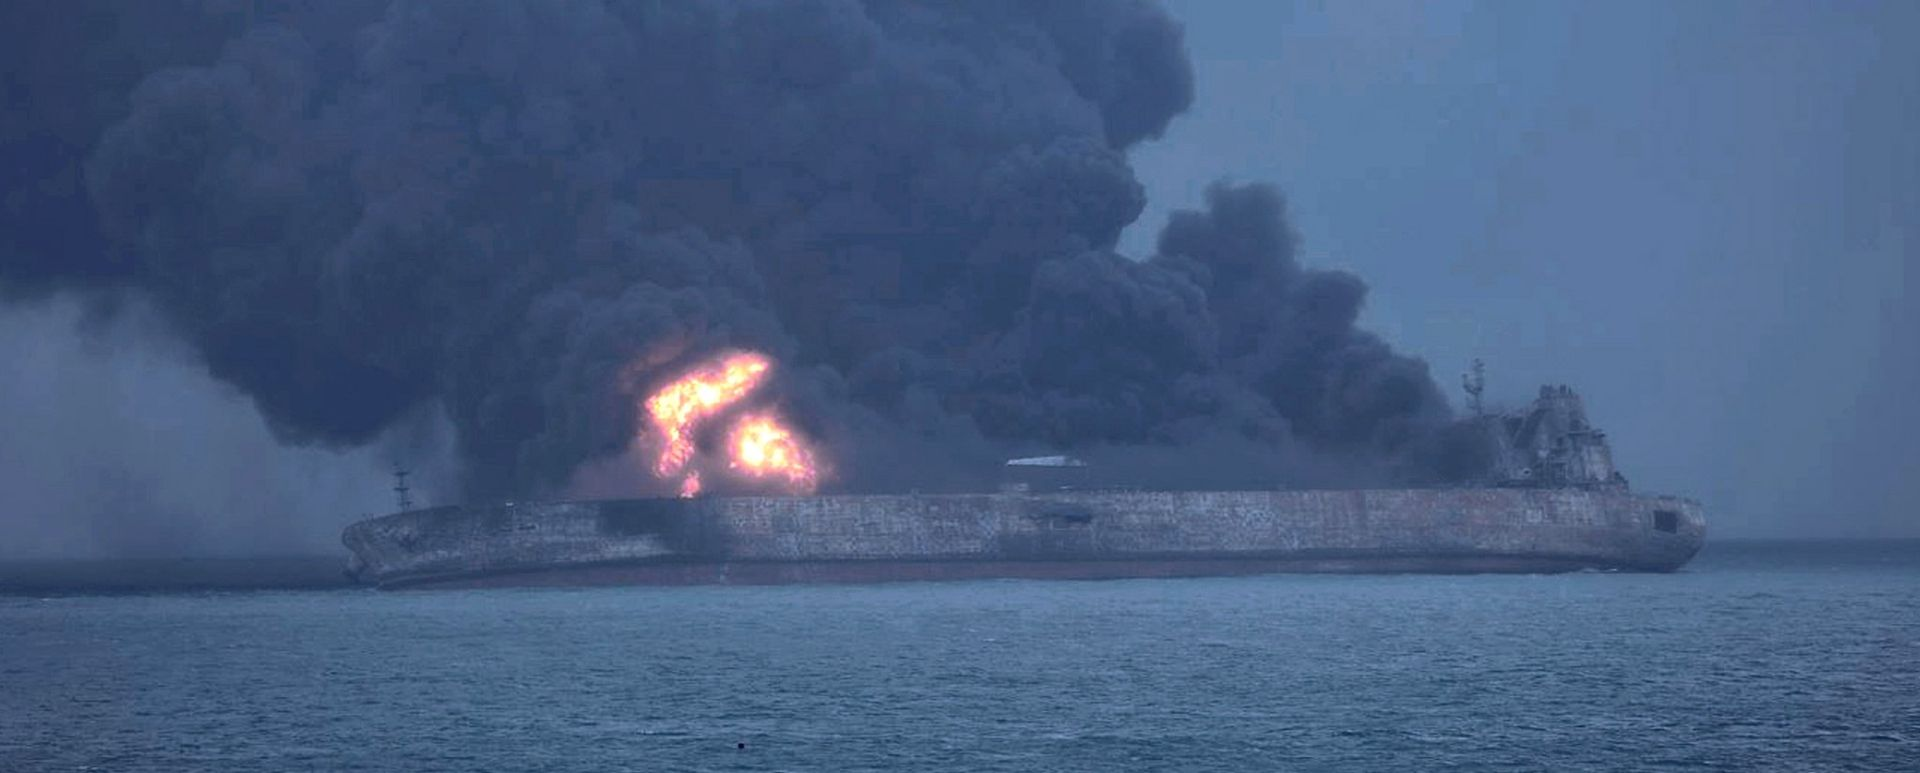 Iranski tanker gori treći dan, vjetar i visoki valovi otežavaju spašavanje